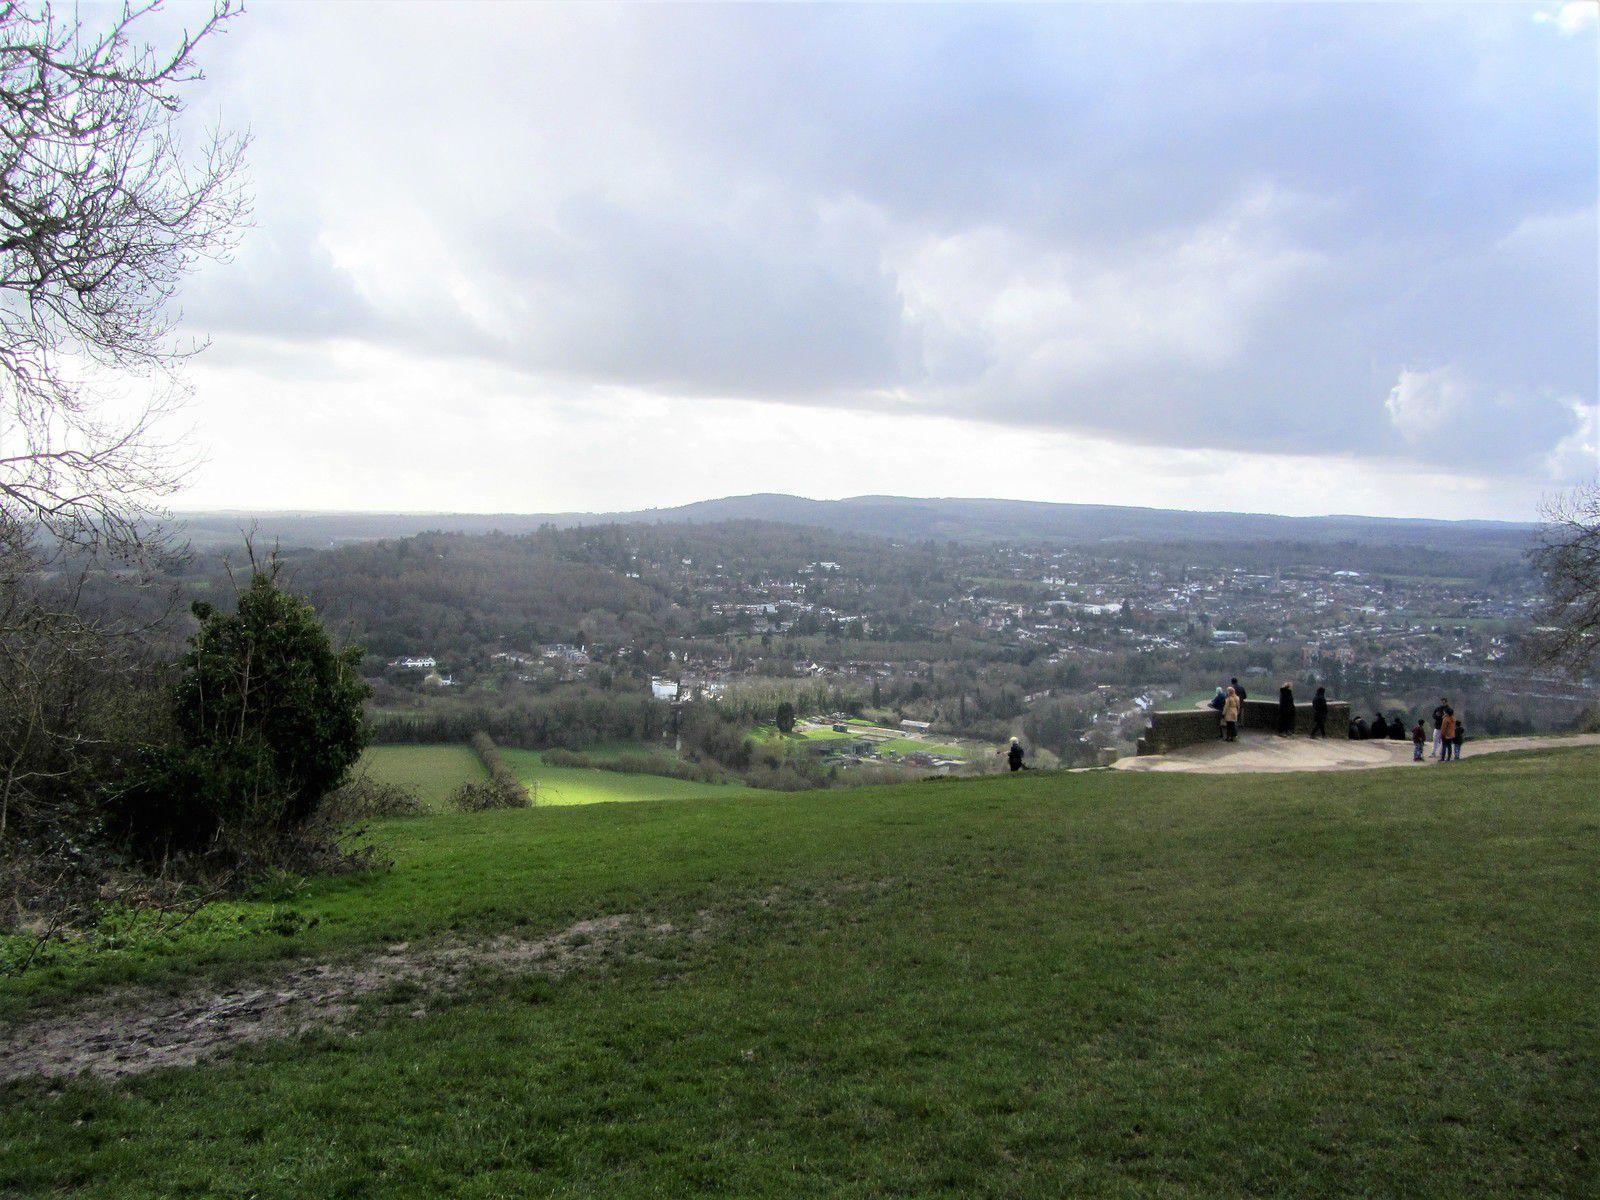 """La colline tire son nom des box trees, les buis toujours vert, que l'on trouve sur ses flancs. C'est un endroit réputé pour sa beauté, ce qui lui a valu de nombreuses références en littérature. Comme par exemple, dans les romans de Jane Austen. (l'auteur """"D'orgueil et préjugés"""")"""